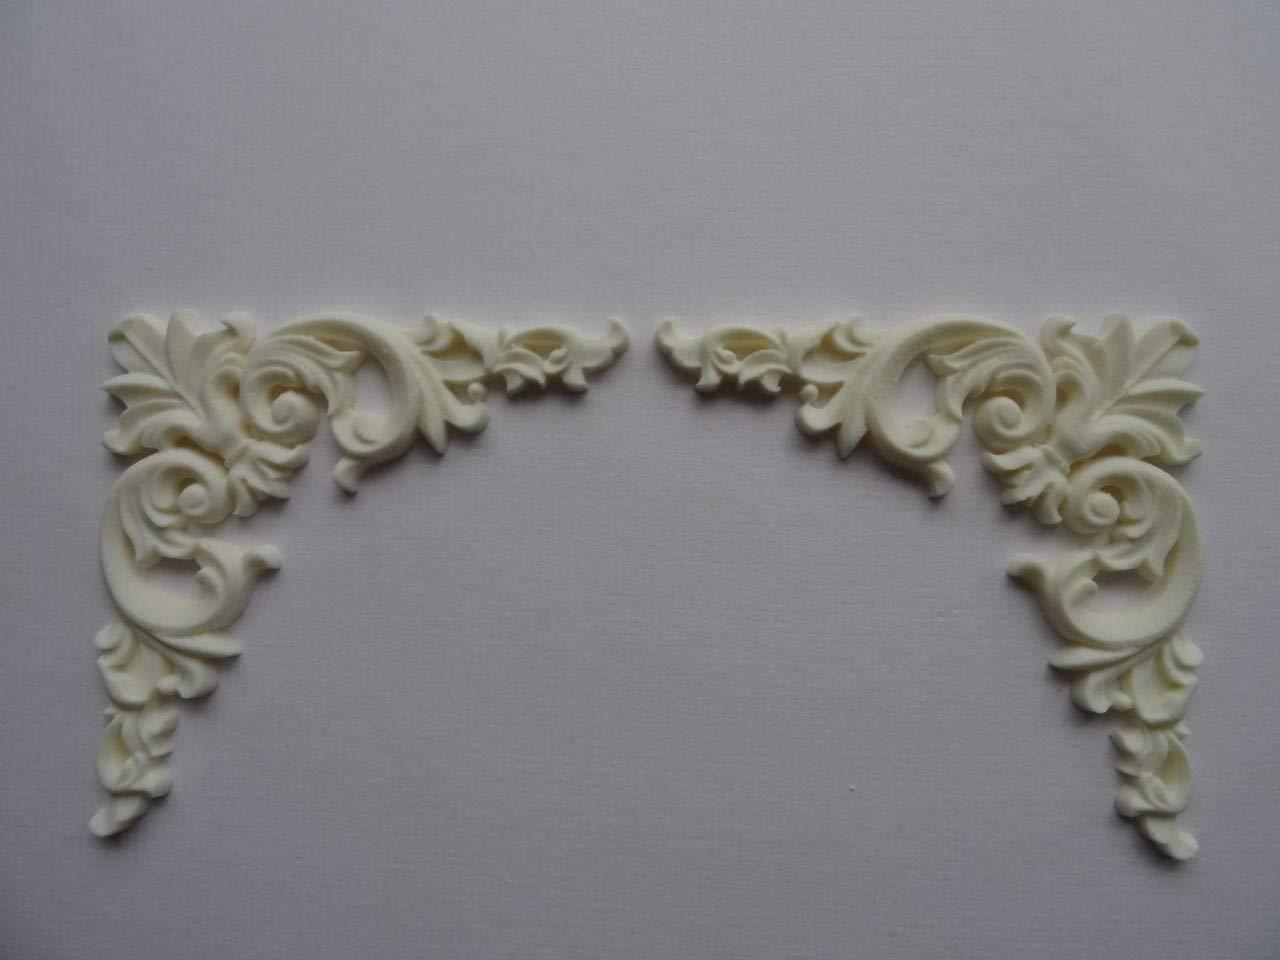 Craft e corner cricut silhouette brother scan n cut